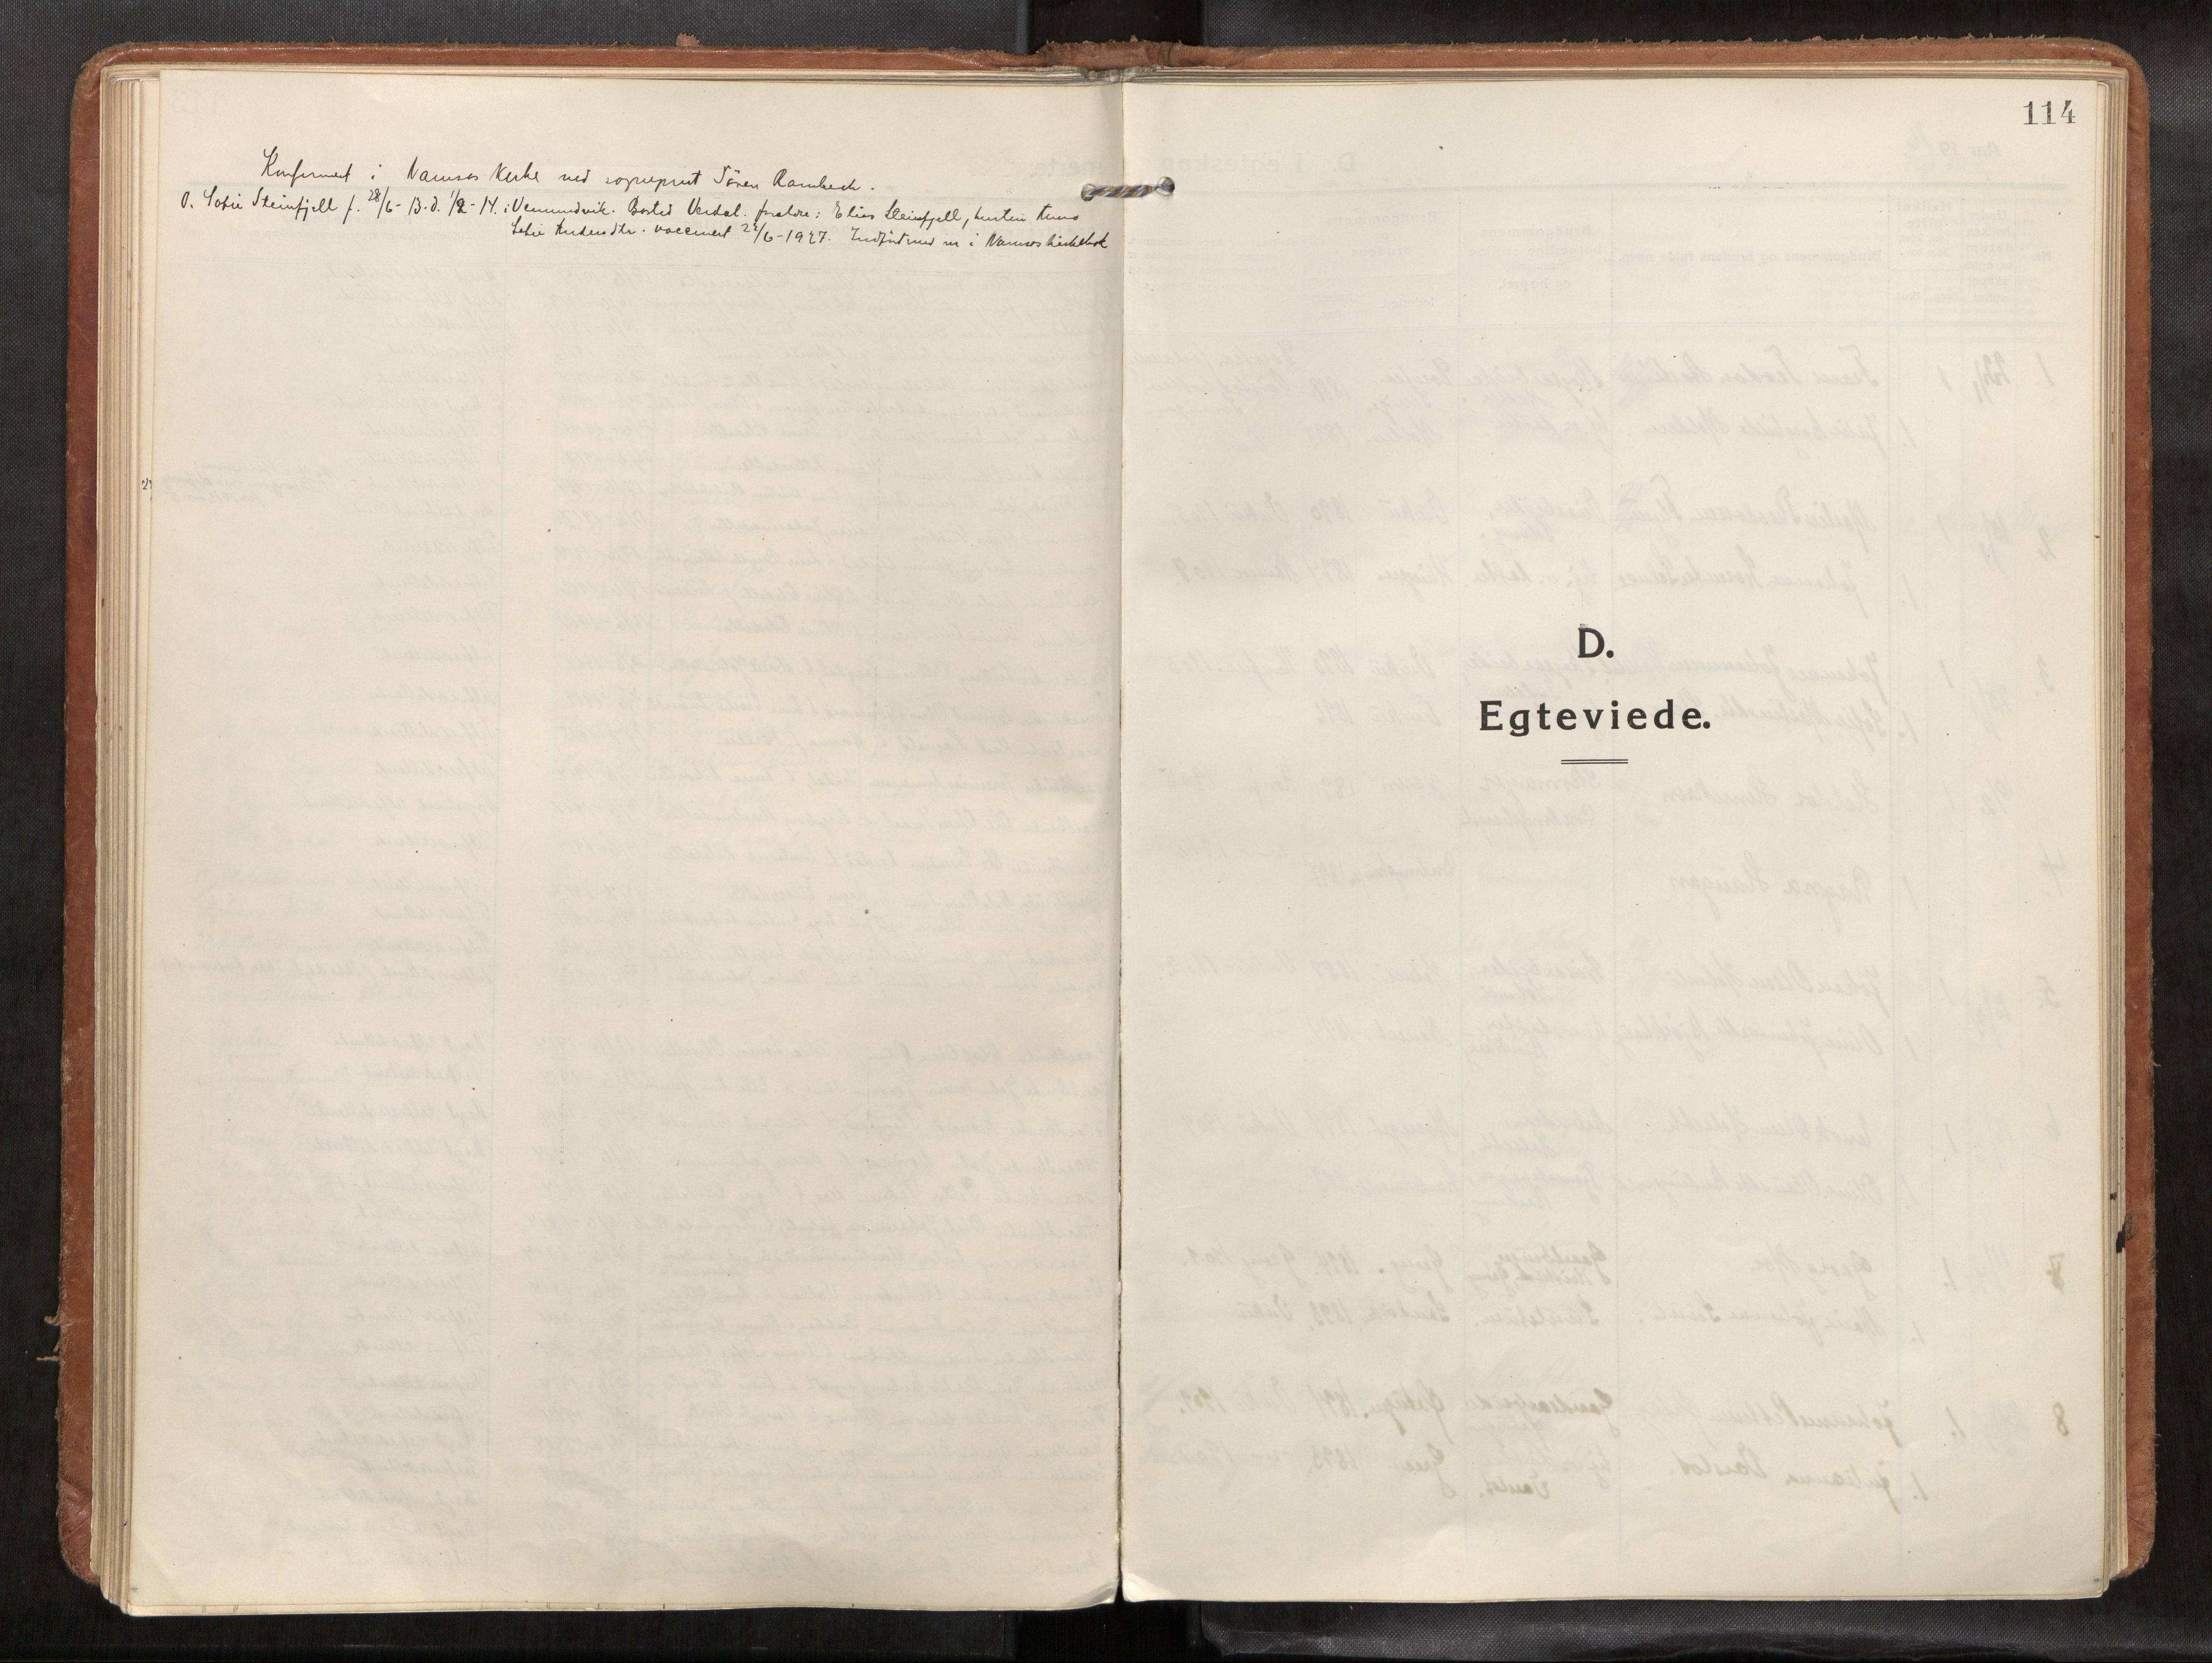 SAT, Verdal sokneprestkontor*, Parish register (official) no. 1, 1916-1928, p. 114